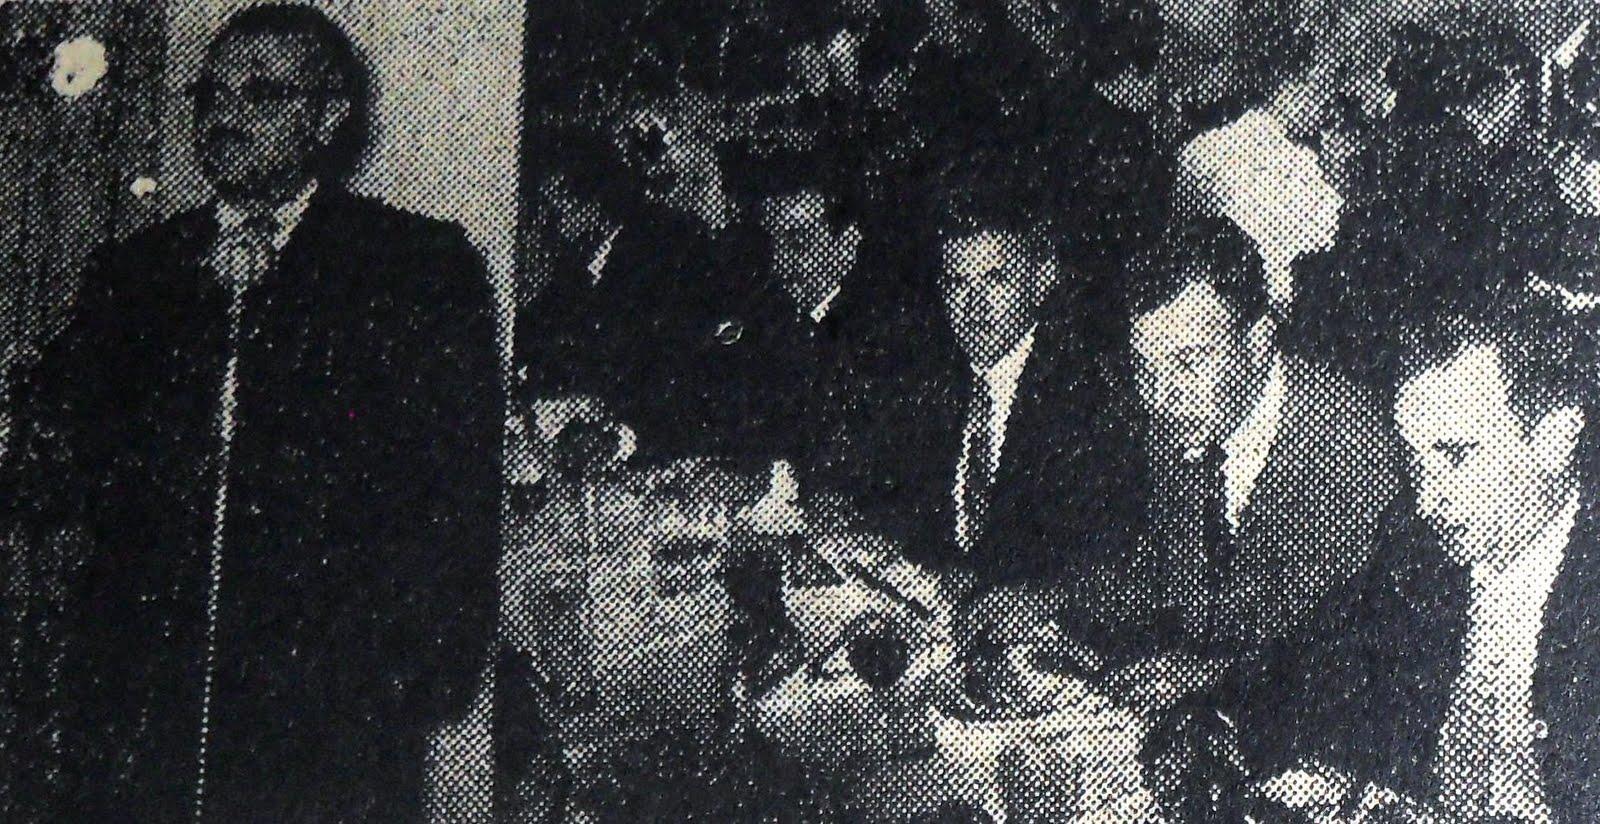 Almoço para os candidatos a prefeito - 1956